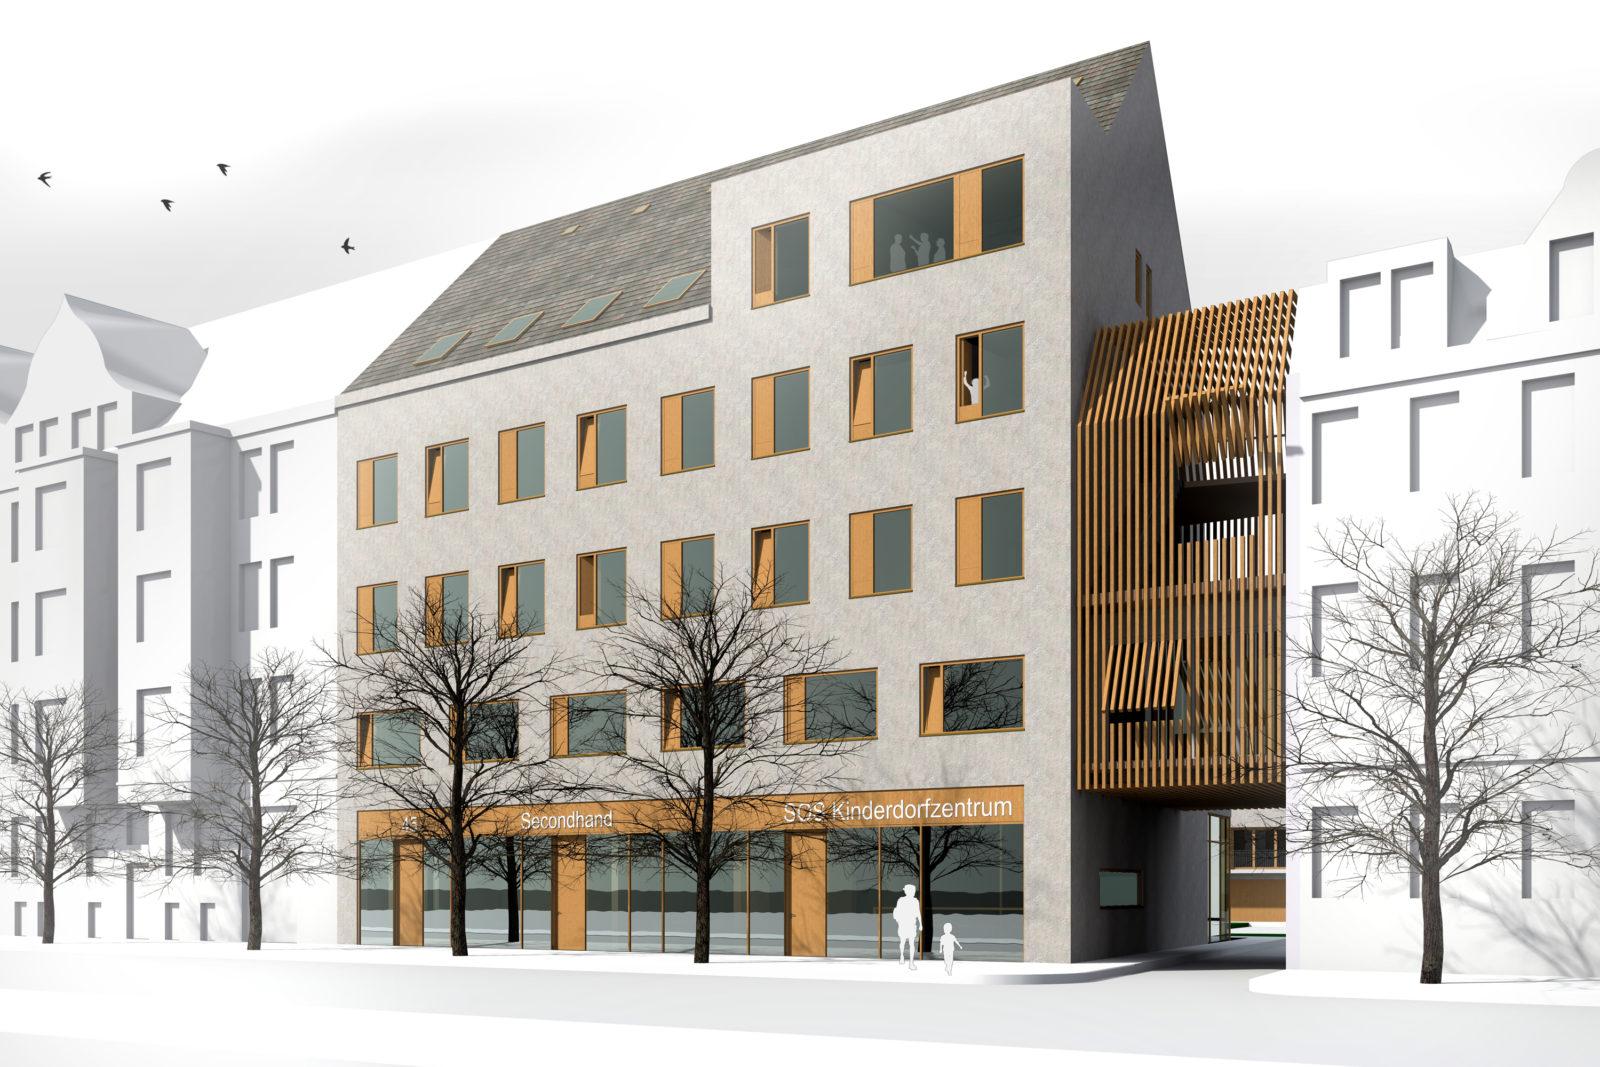 Wettbewerb SOS-Kinderdorf in Leipzig, Connewitz - Blick von der Windscheidstraße